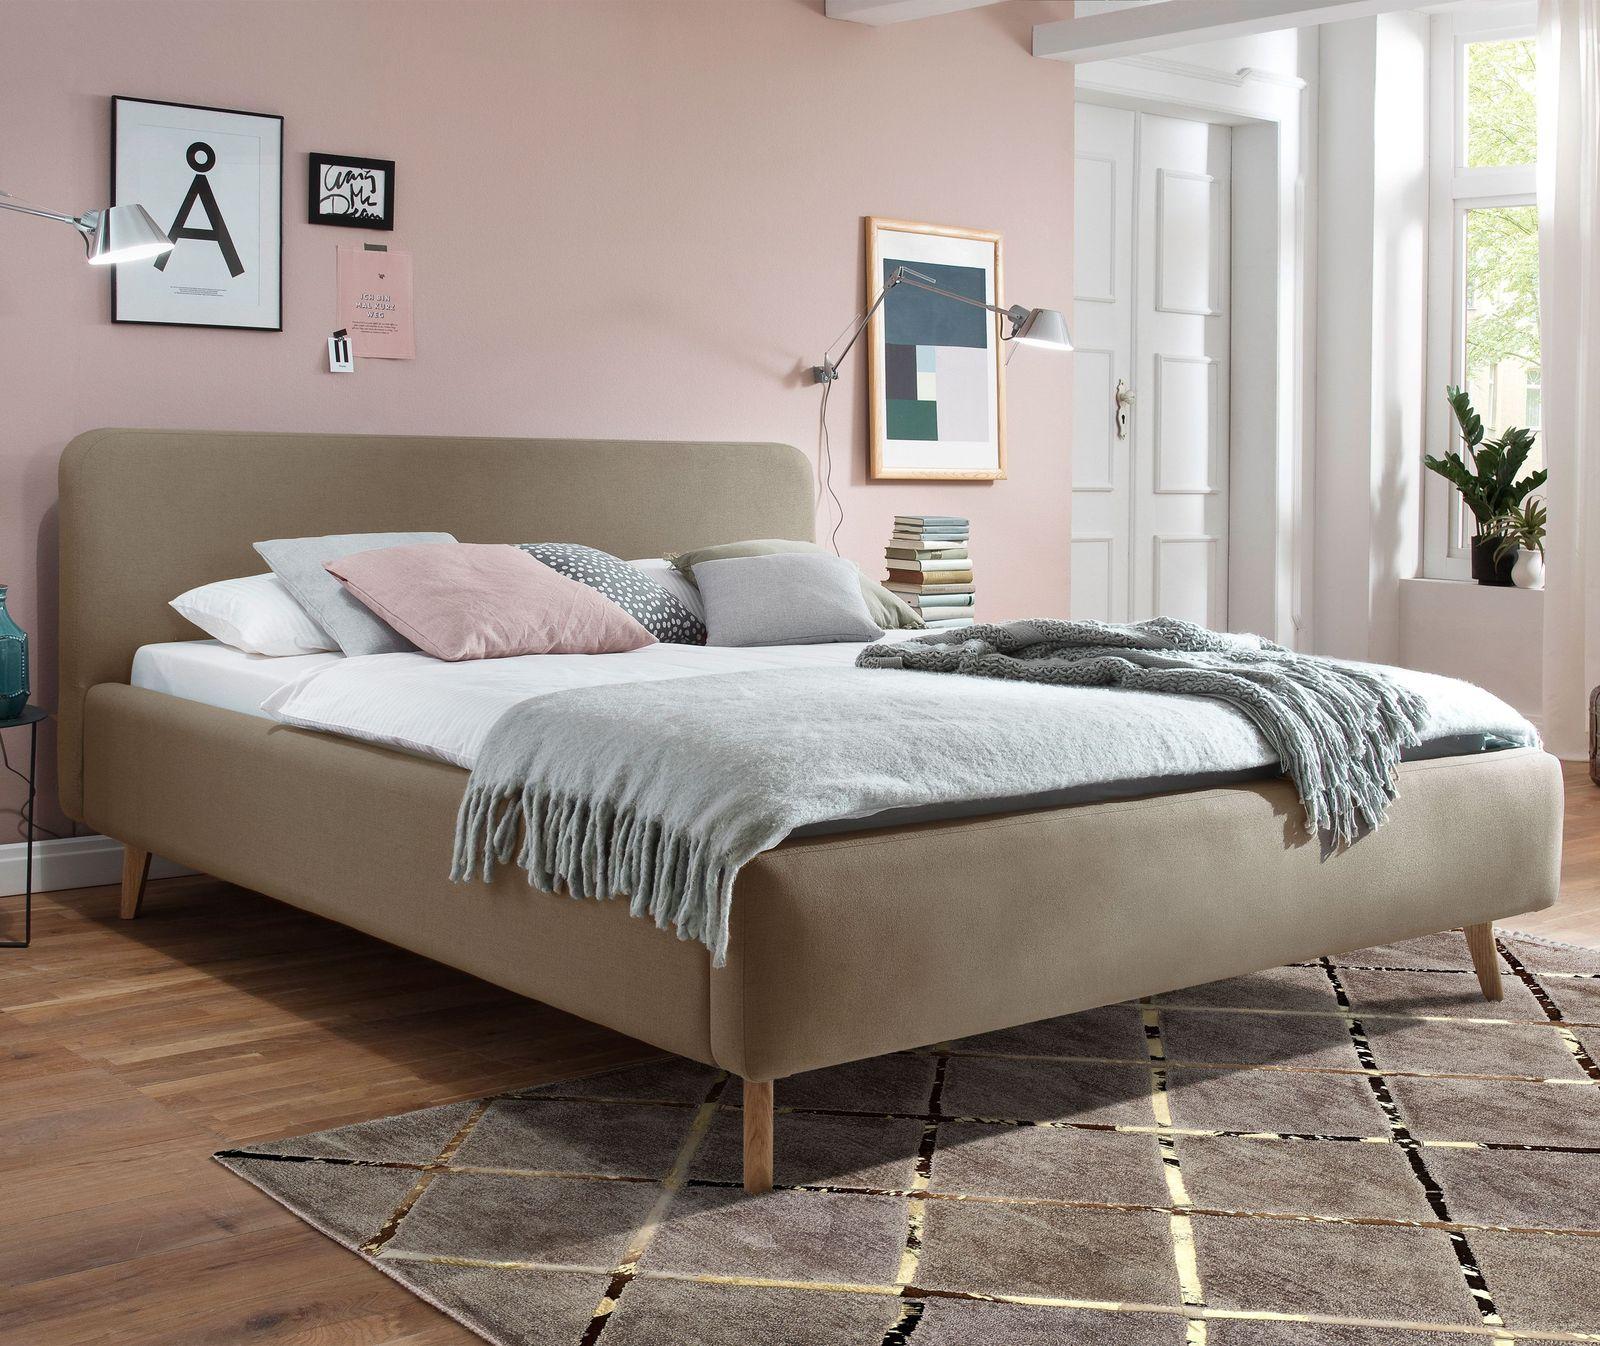 Full Size of Betten Bewertung Bett Www.betten.de